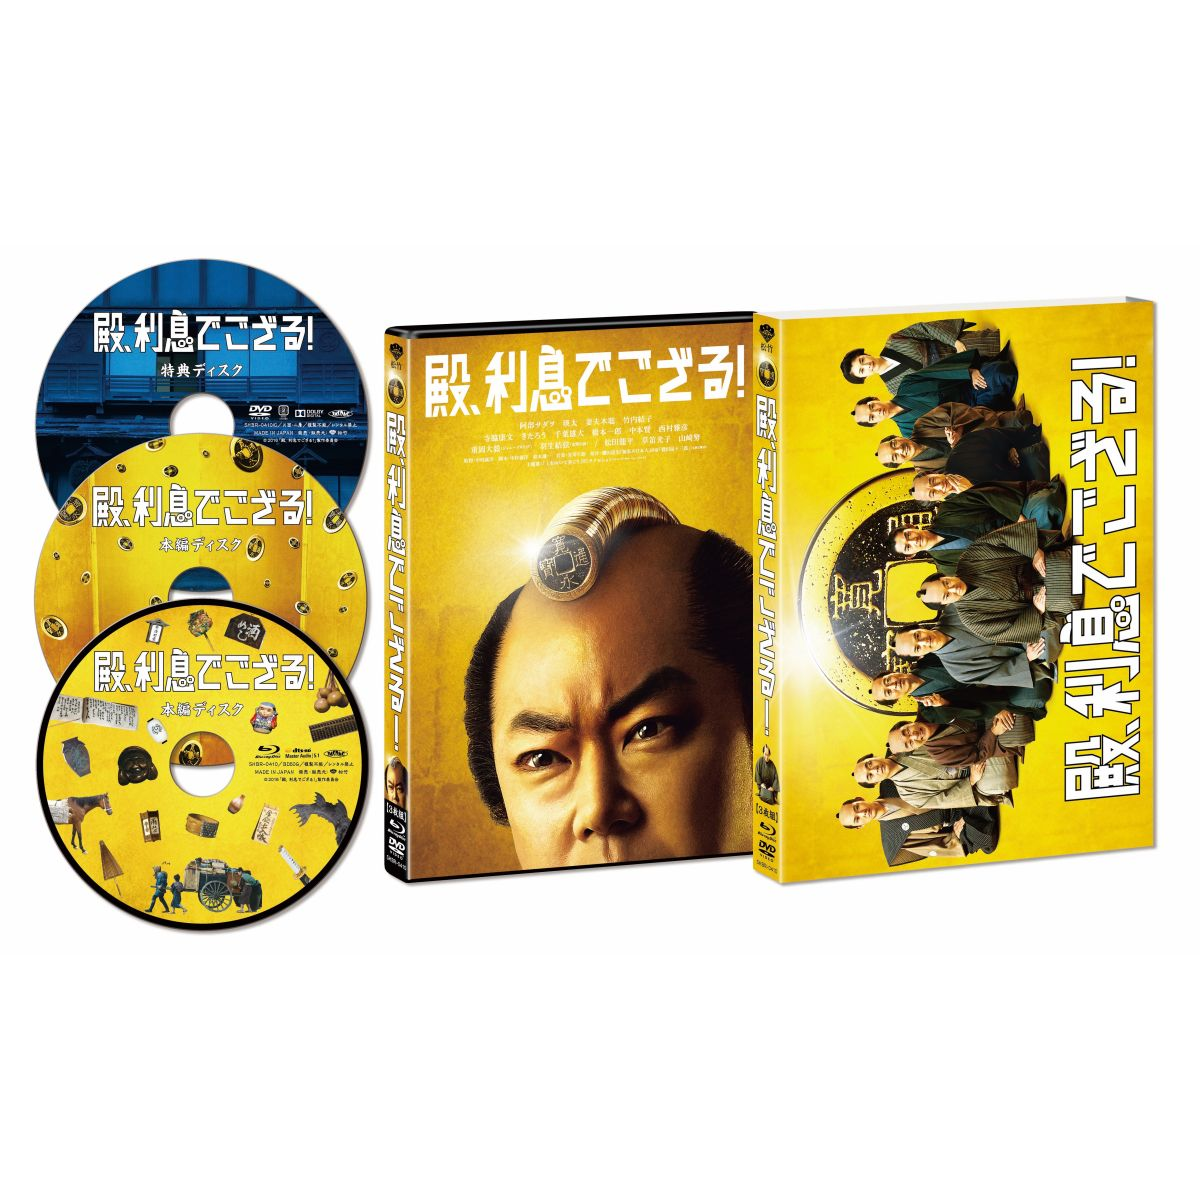 殿、利息でござる! 初回限定版コンボ[SHBR-0410][Blu-ray/ブルーレイ] 製品画像